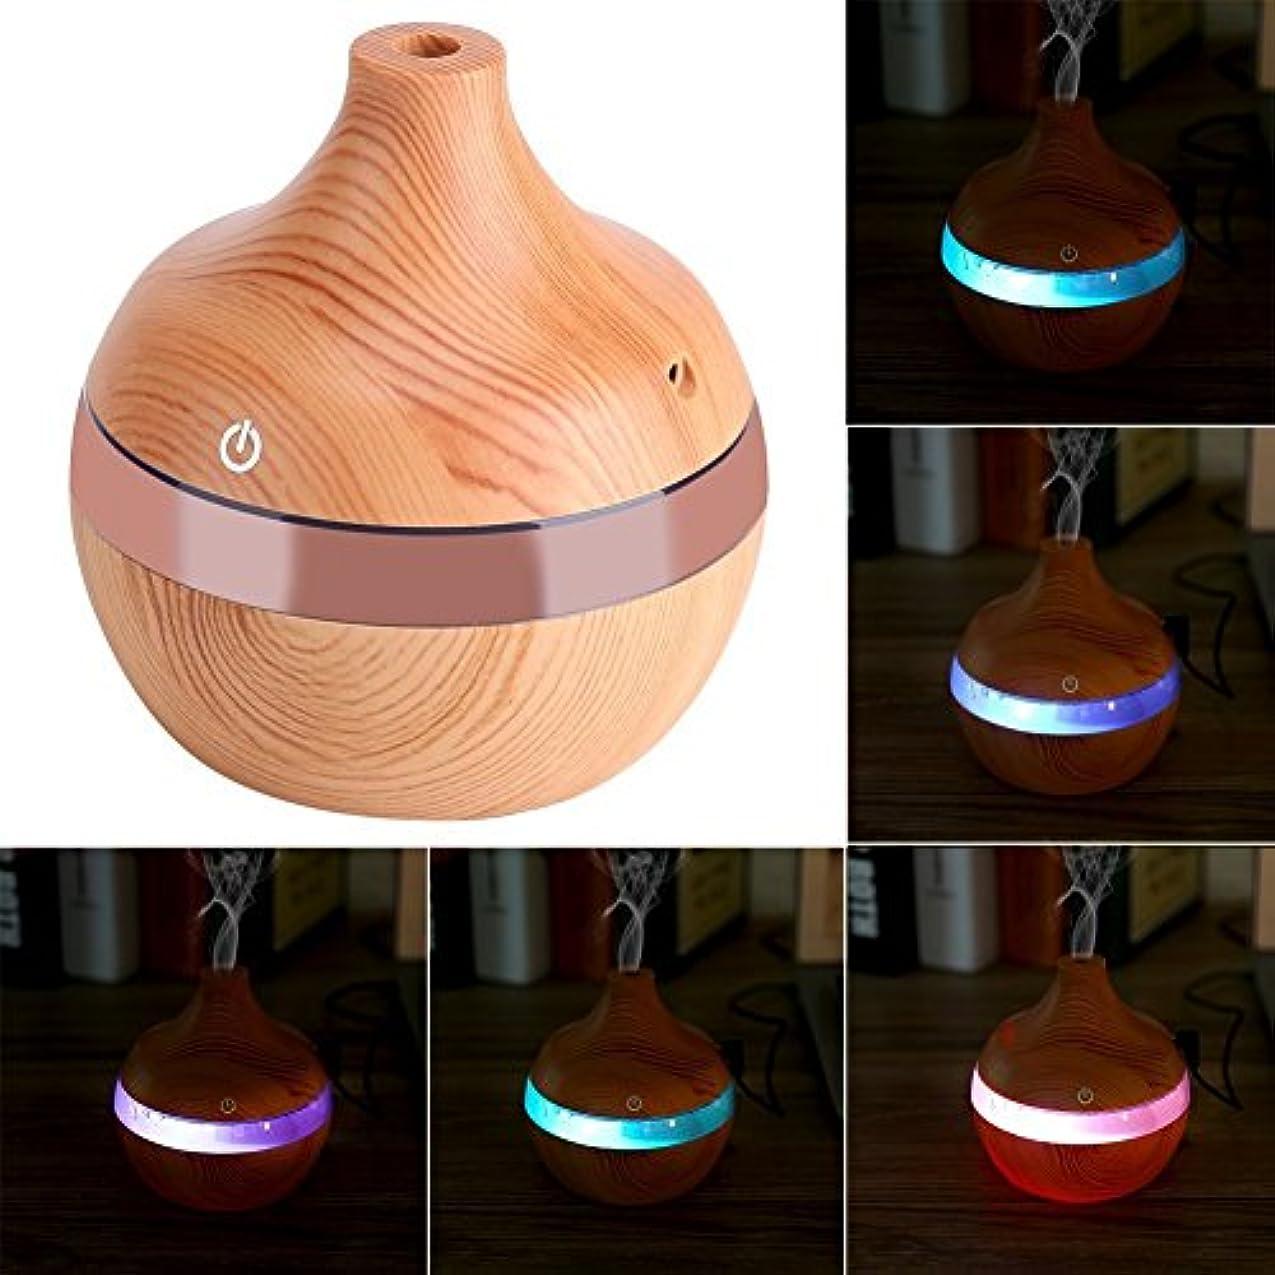 無視釈義ハンマーアロマディフューザー - Delaman 卓上加湿器、木目調、7色変換